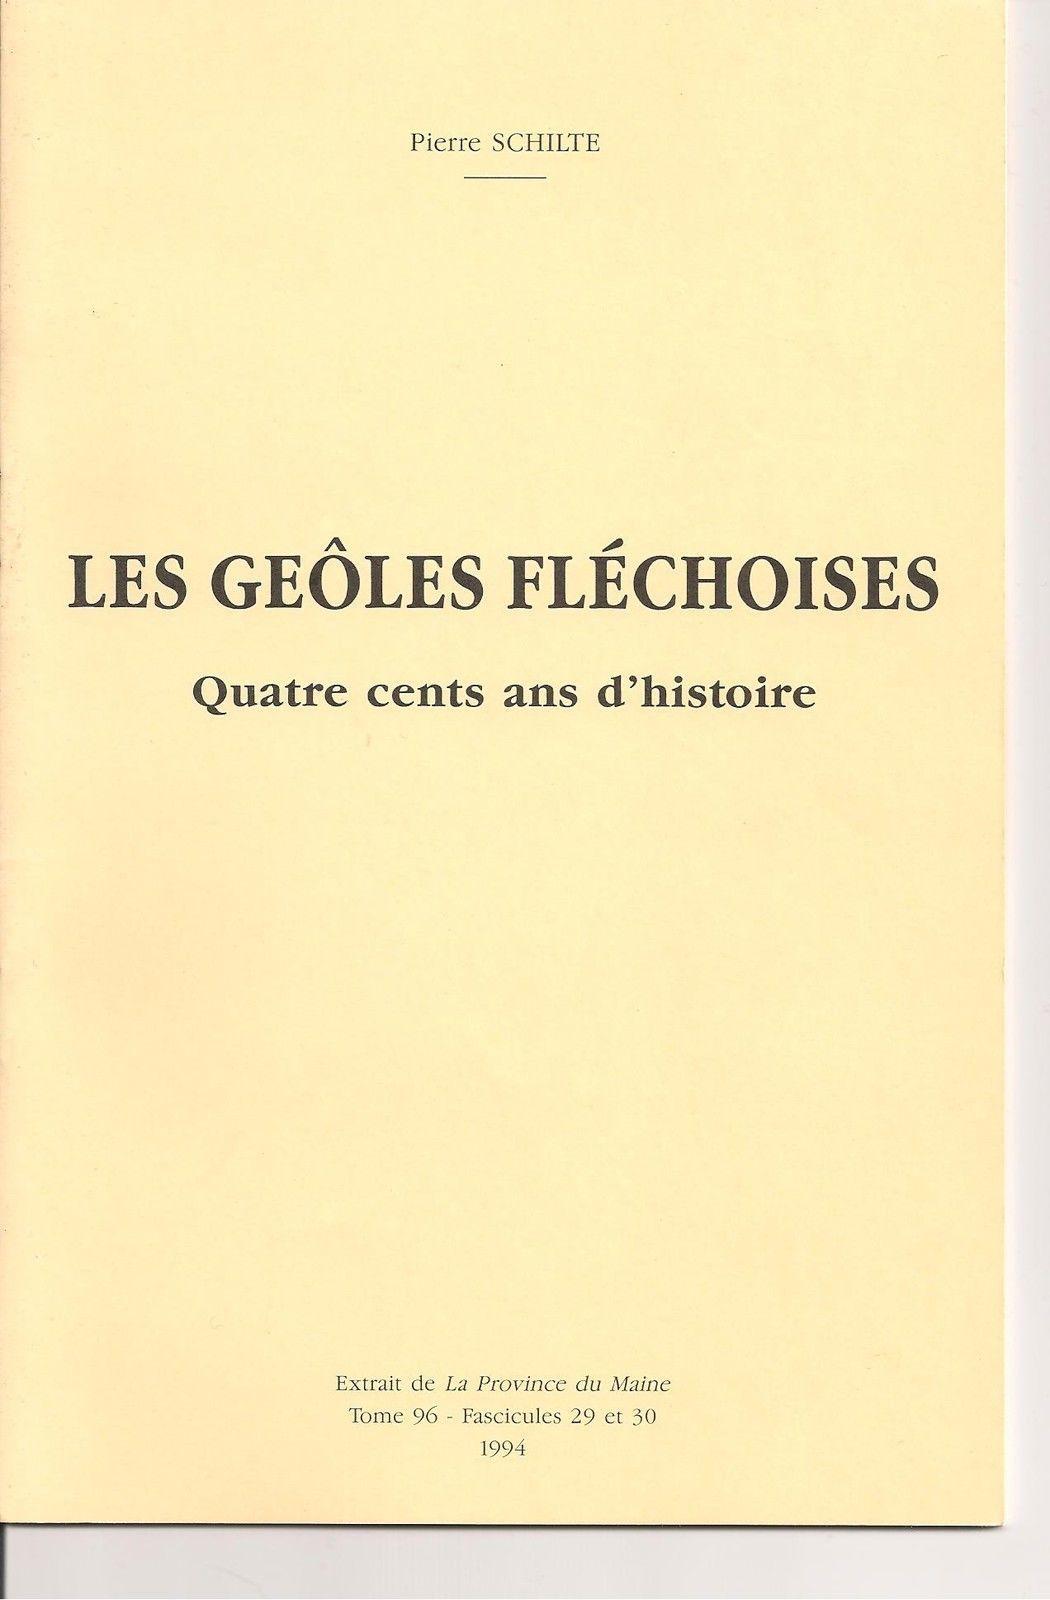 Les geôles fléchoises : Quatre cents ans d'histoire / Pierre Schilte - Auteur(s) : Schilte, Pierre. Auteur Date(s) : 1994 Langue(s) : français Pays : France Editeur(s) :Le Mans : Société des archives historiques du Cogner, 1994